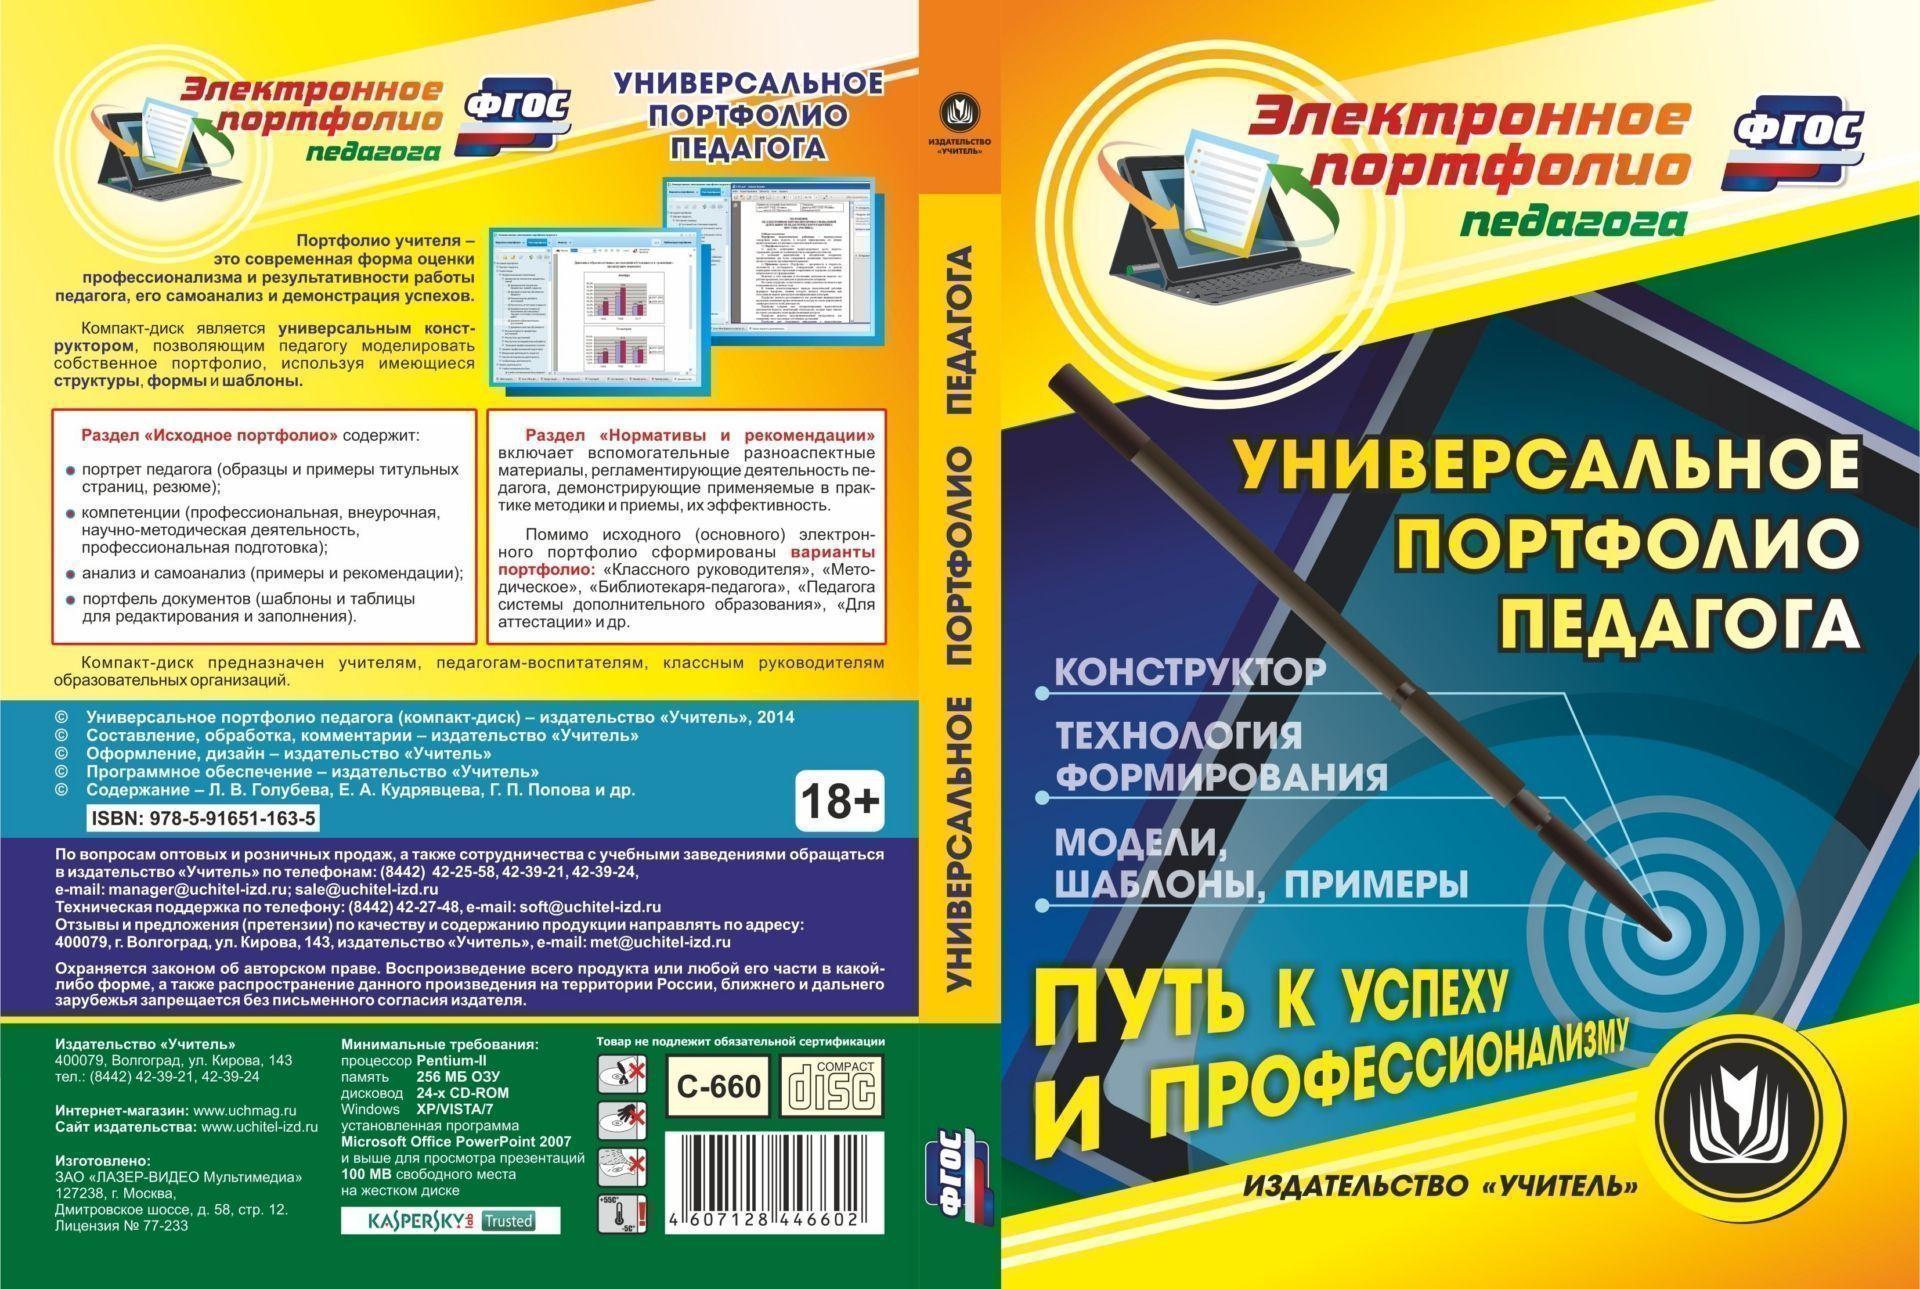 Универсальное электронное портфолио педагога. Программа для установки через интернет